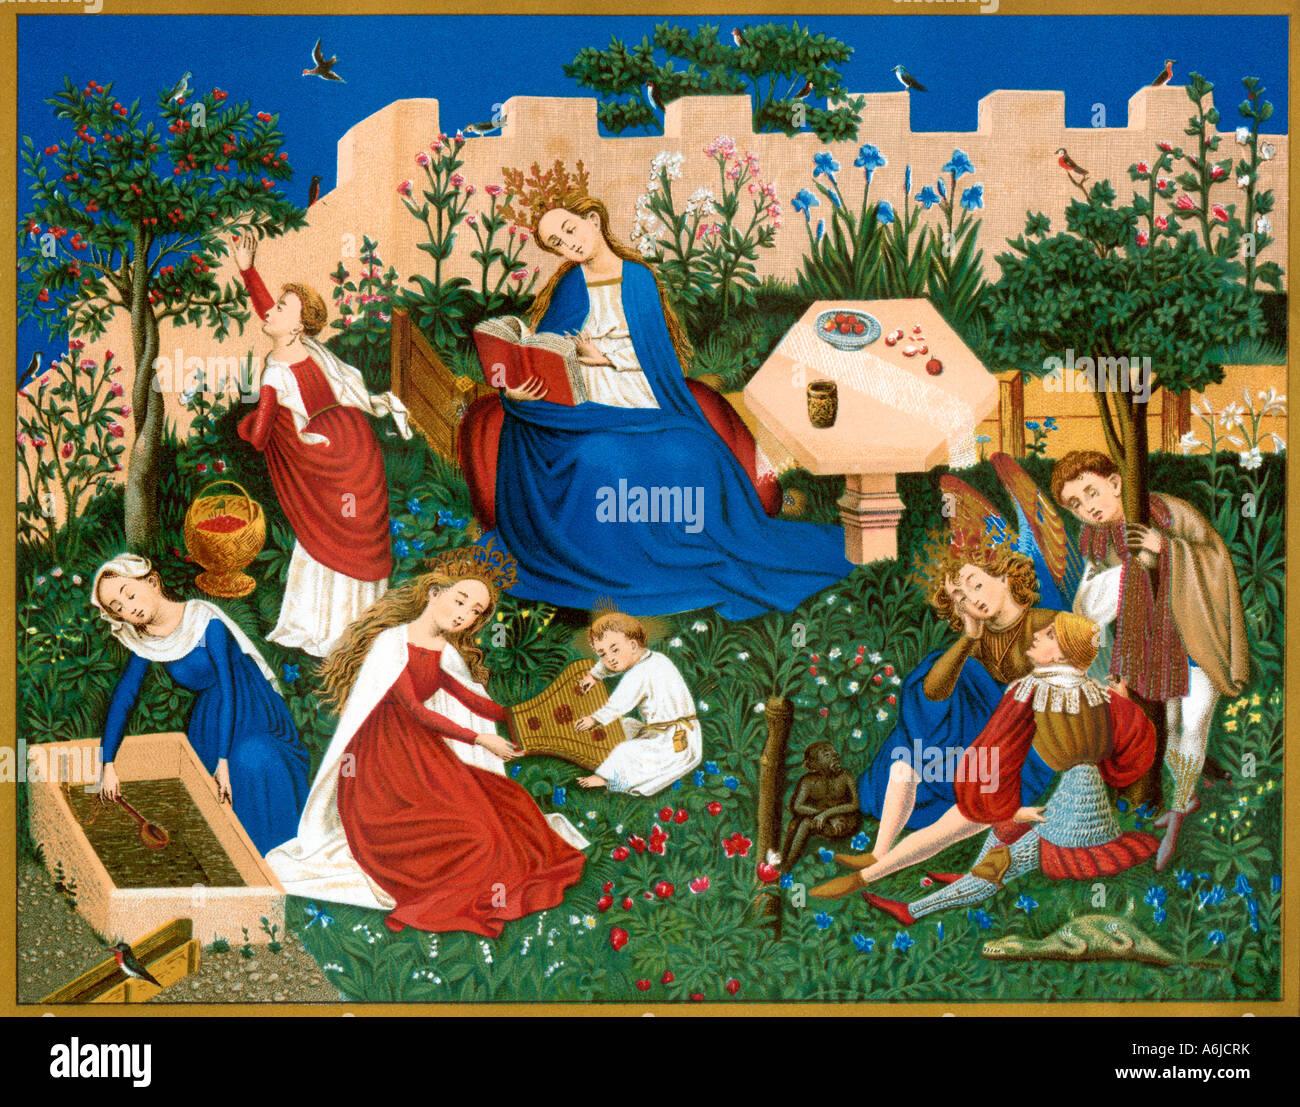 Virgen María, Reina del Cielo, presidir una asamblea de los santos. Litografía de color Imagen De Stock